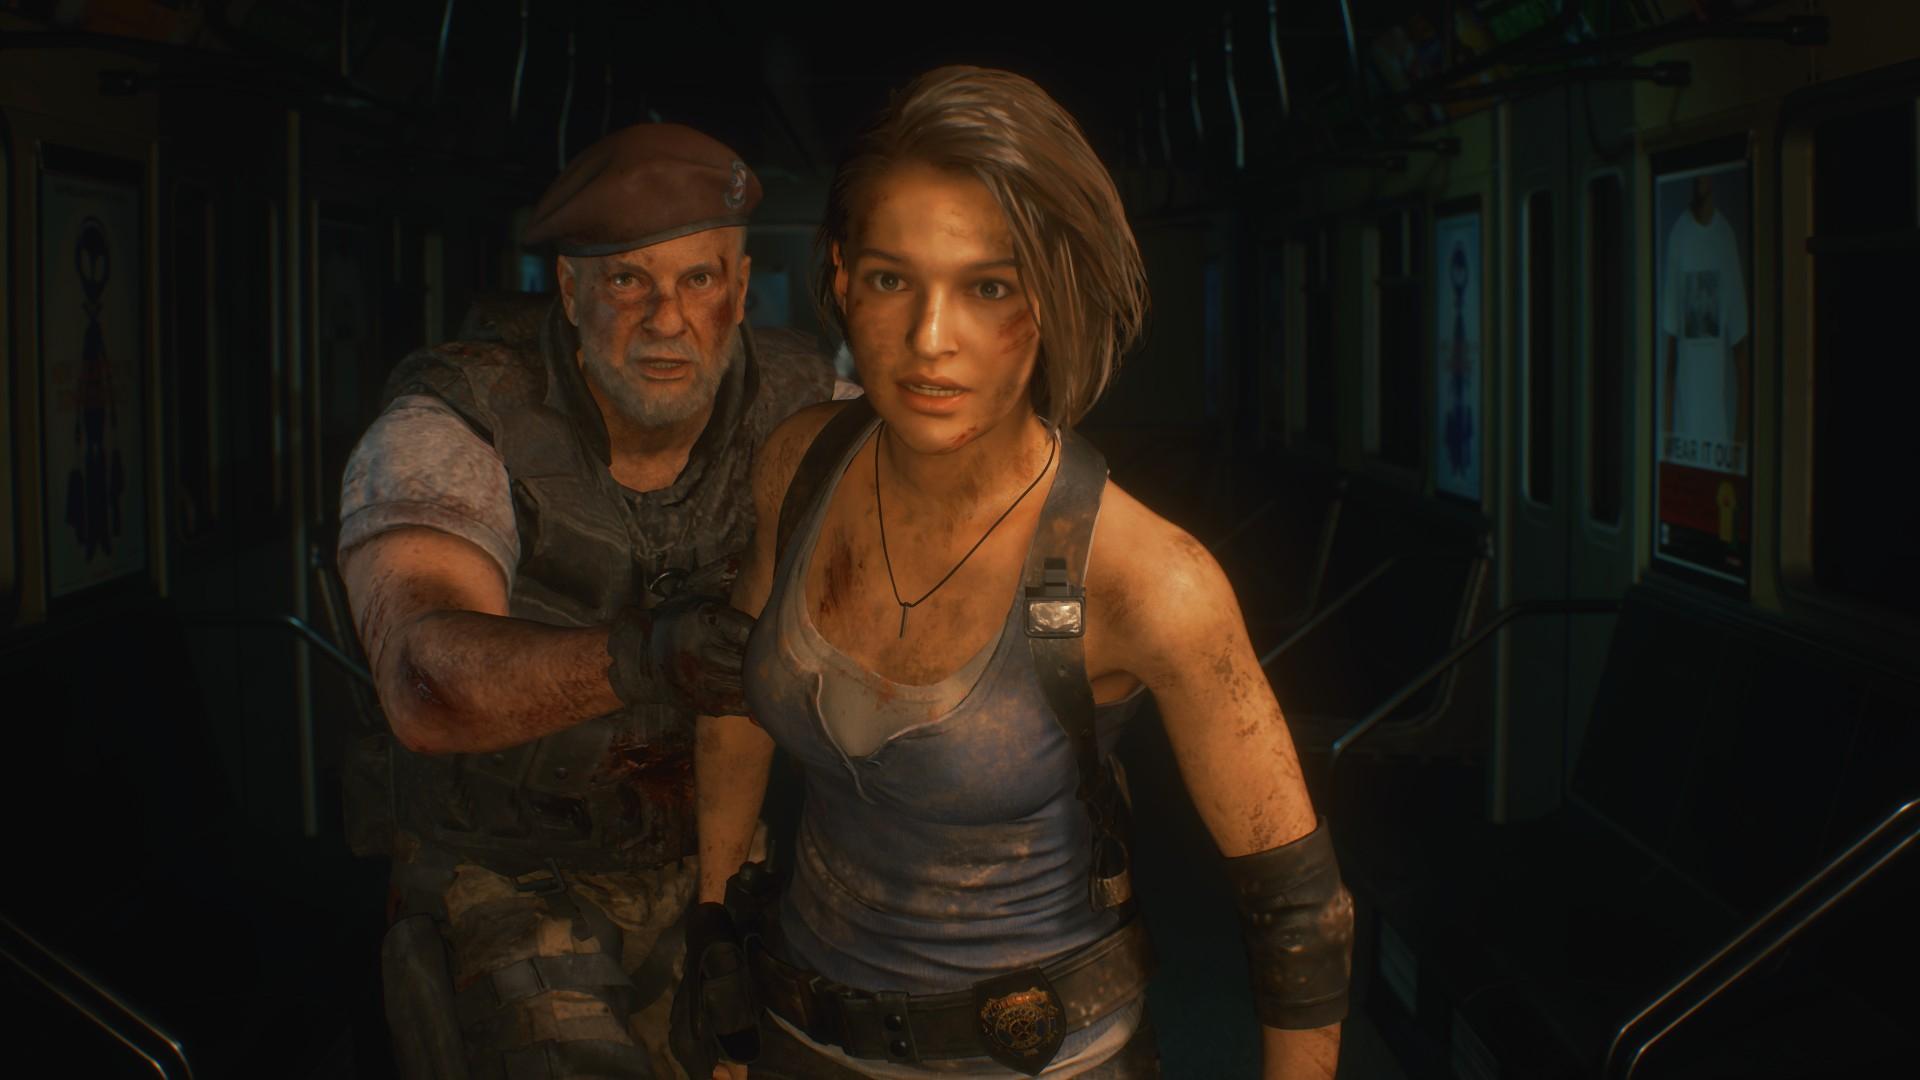 Resident Evil 3 giới thiệu Nemesis cùng đồng bọn trong trailer mới - Hình 1